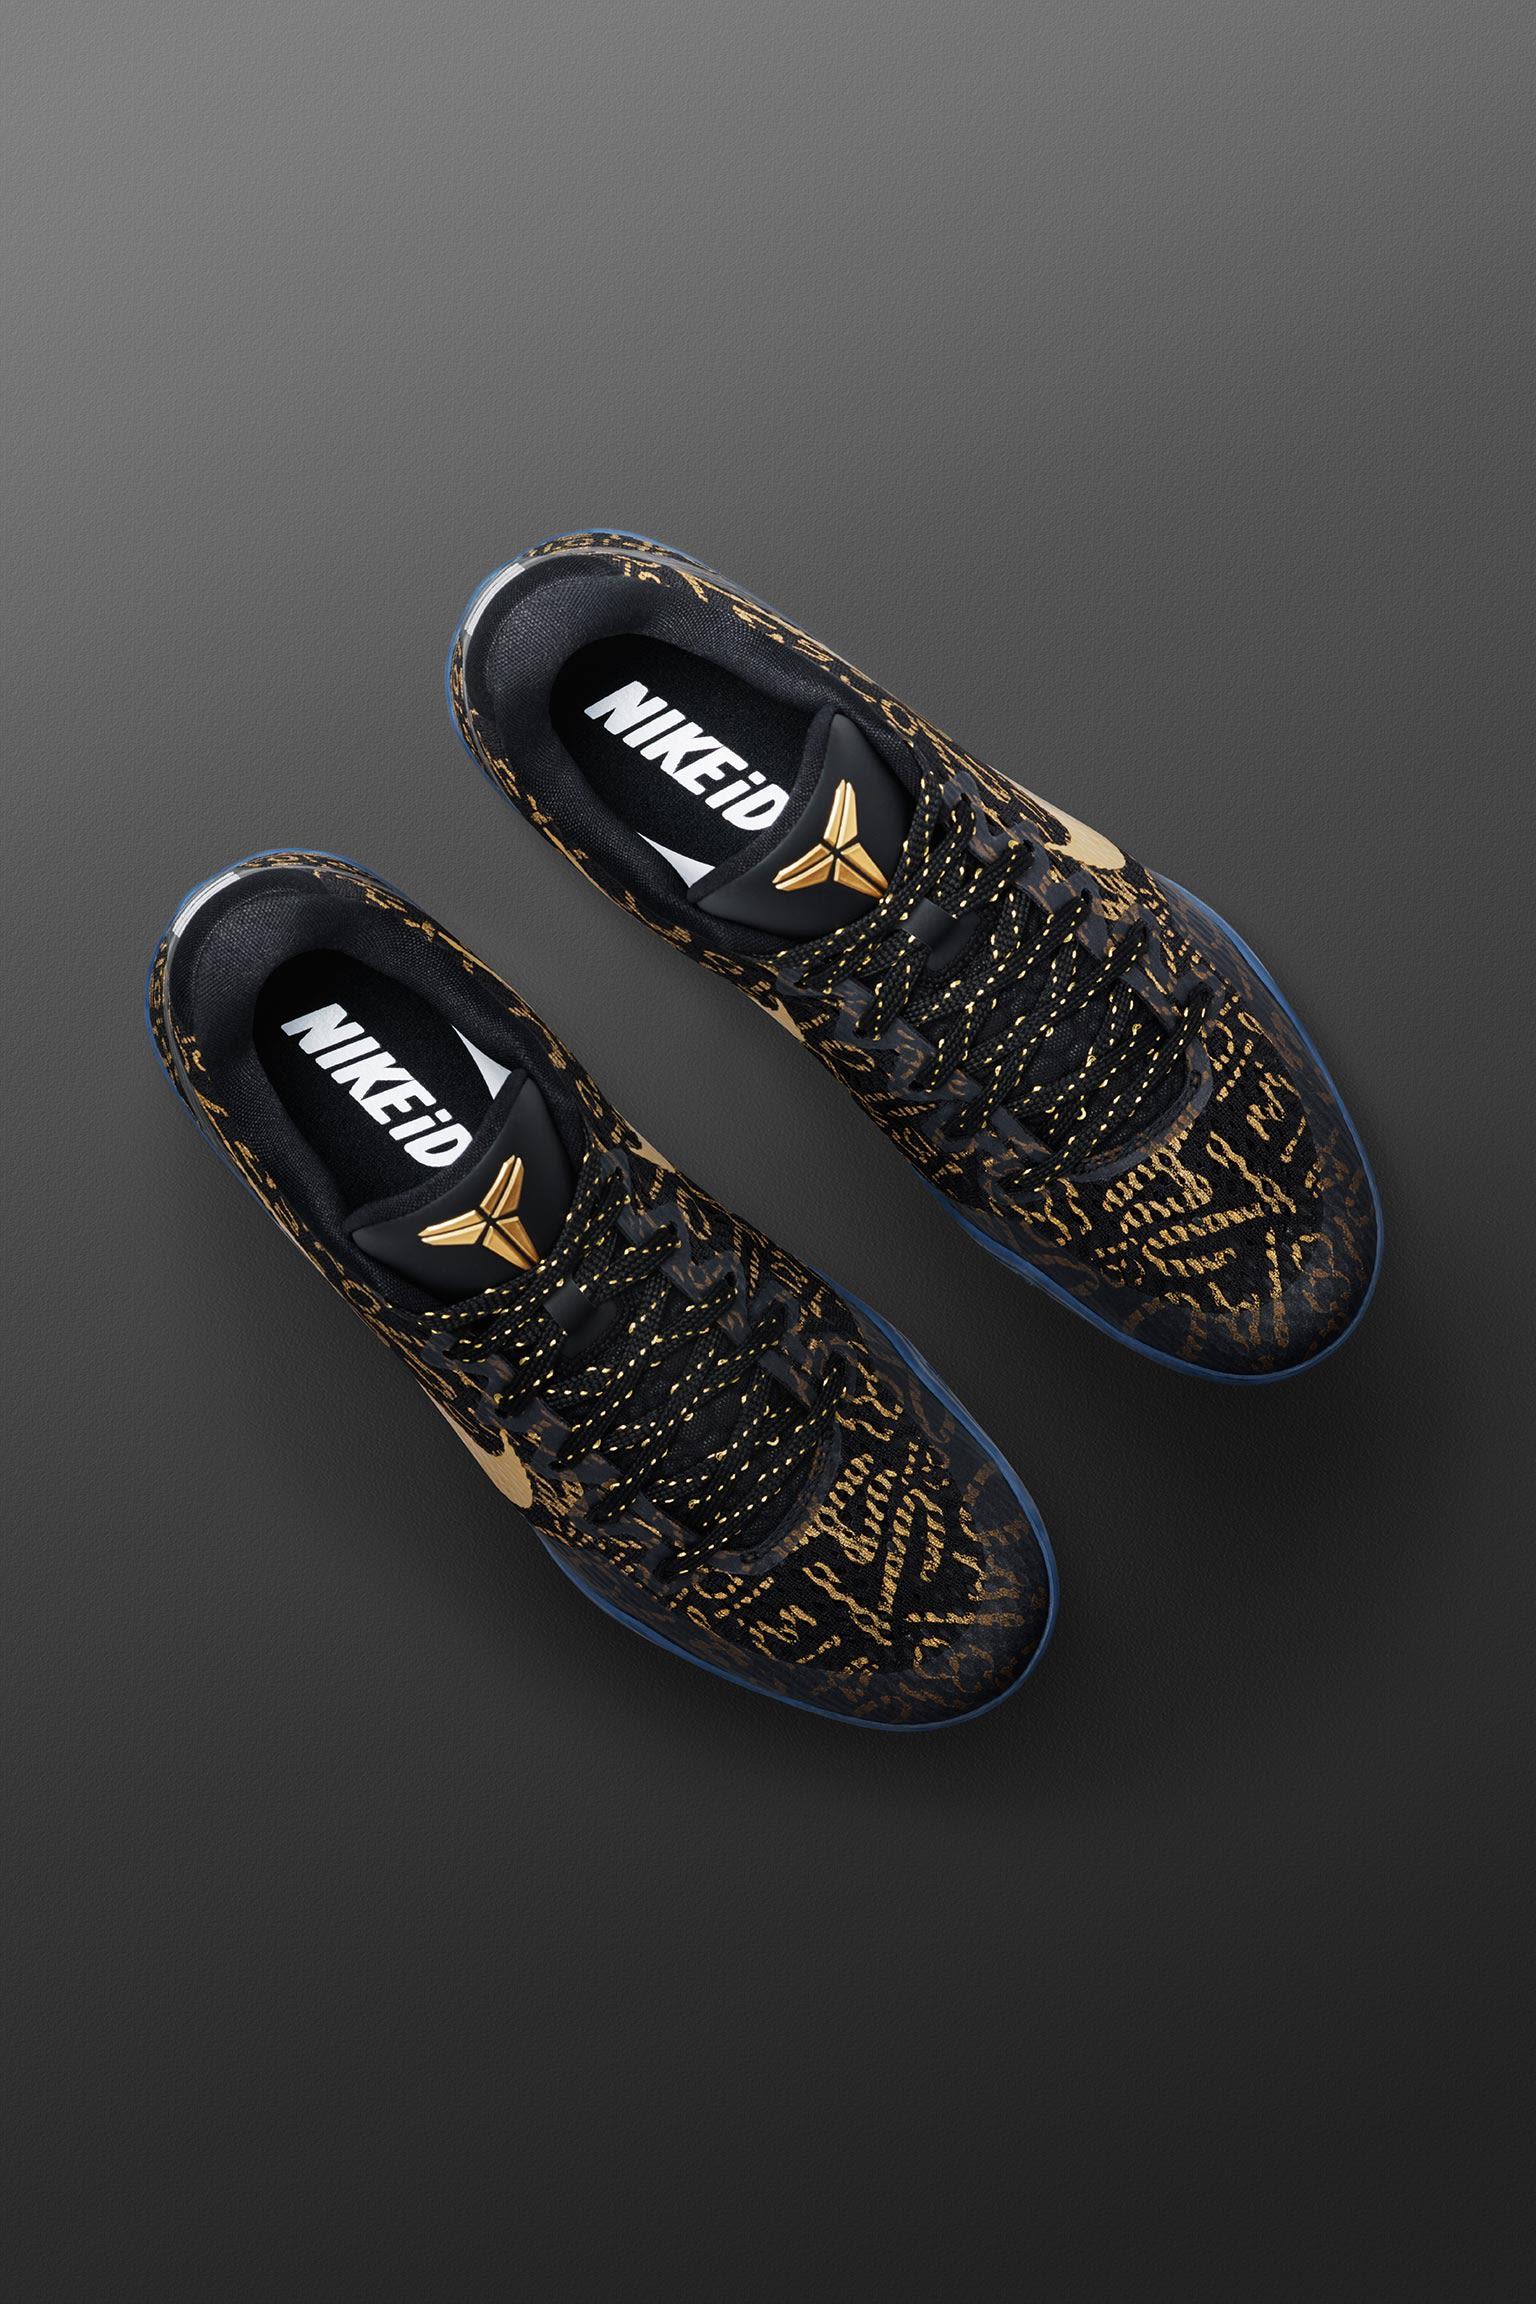 Nike Kobe 11 'Mamba Day' iD Release Date